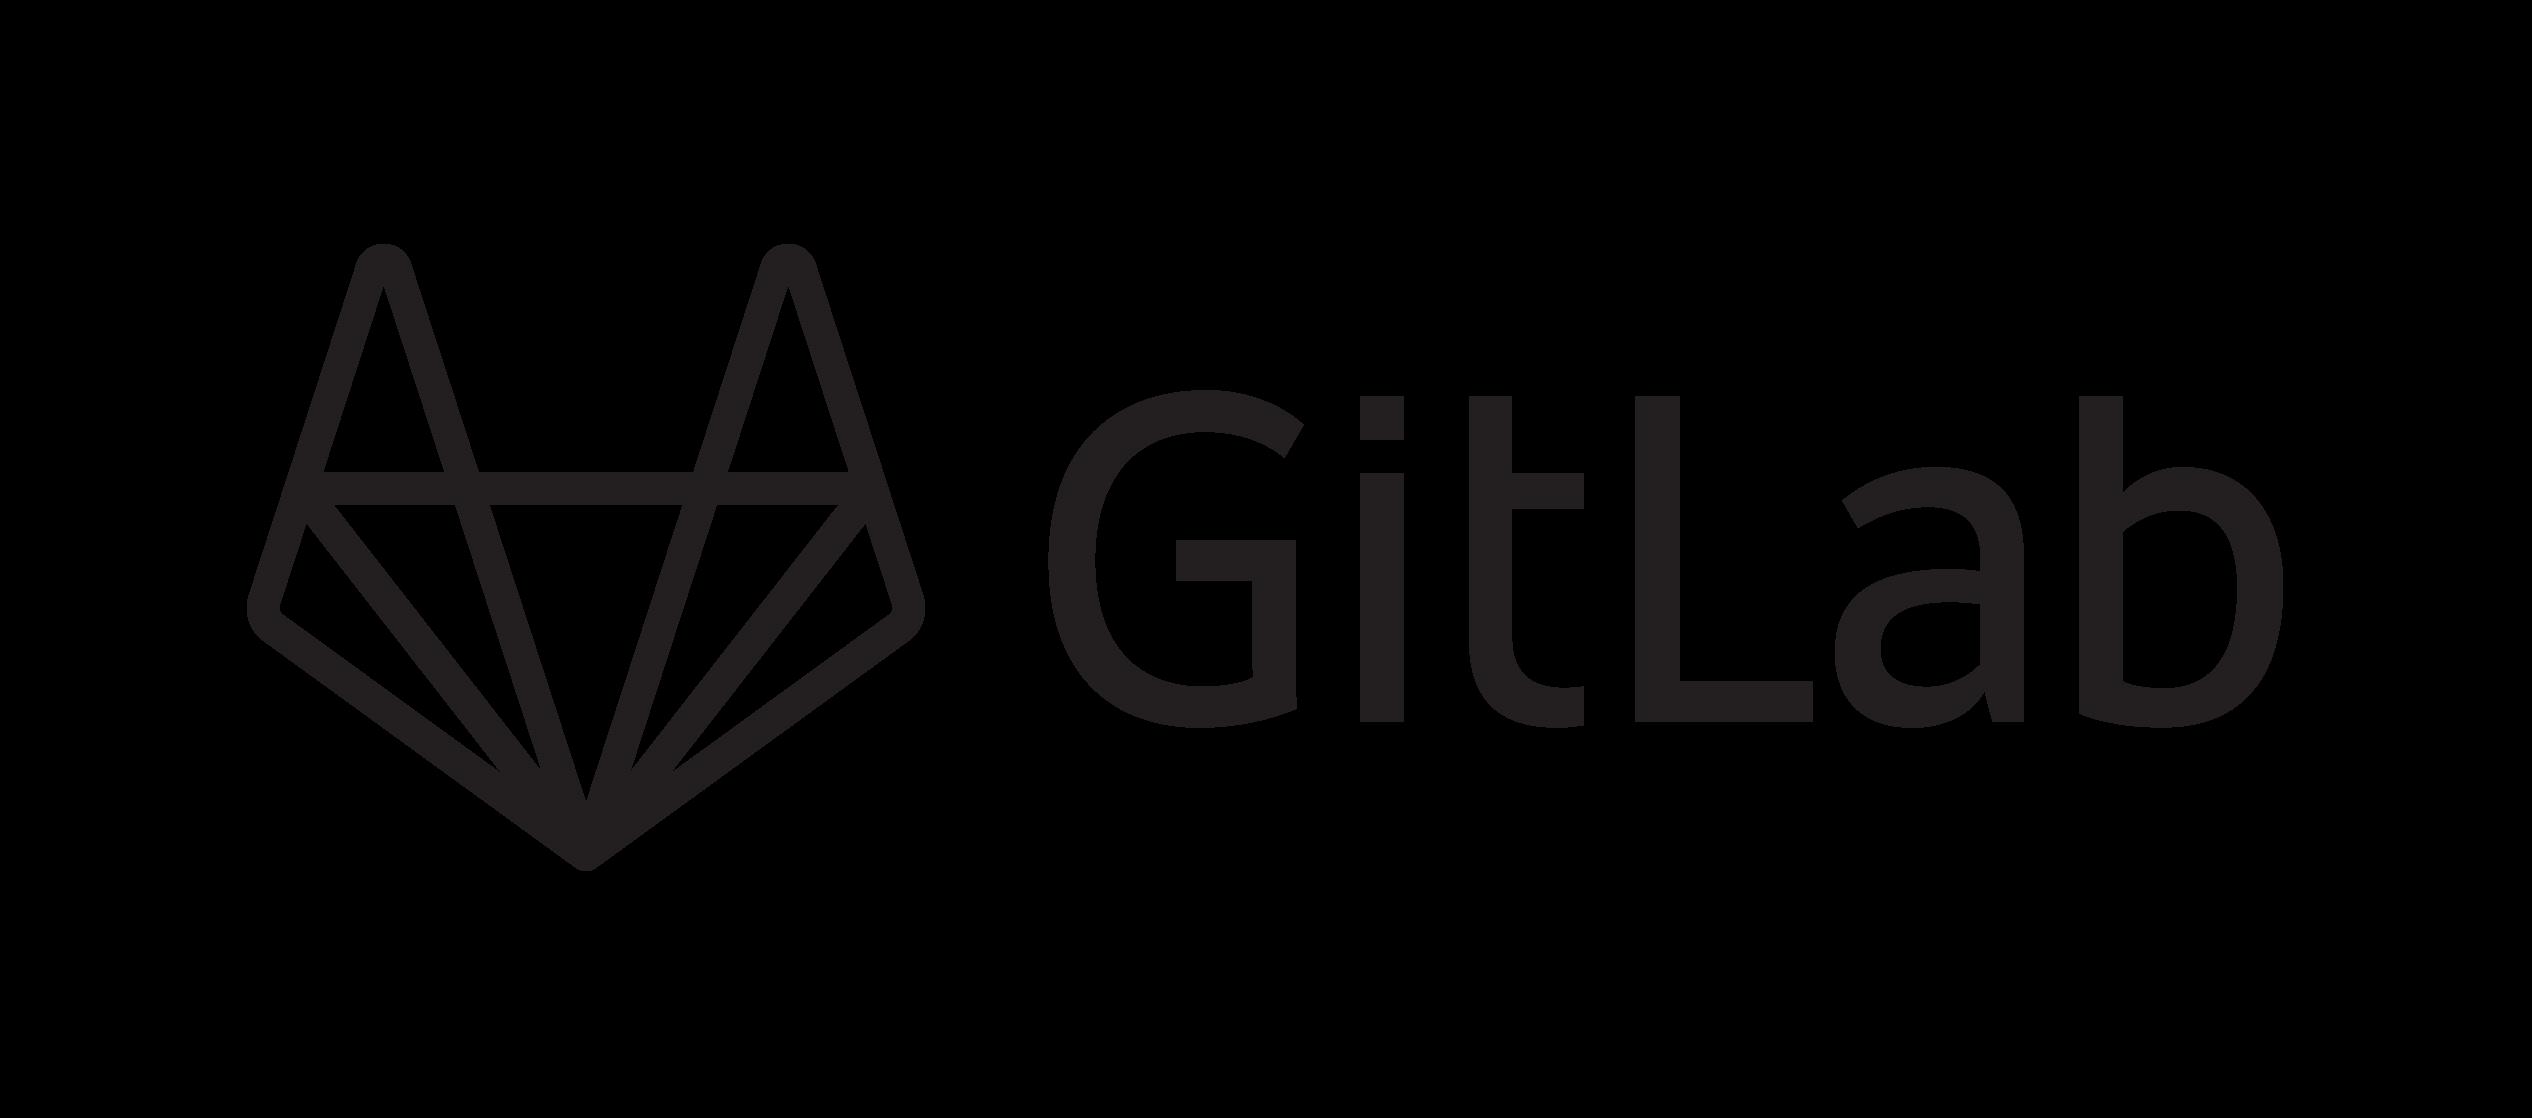 source/images/press/logo/png/gitlab-logo-1-color-black-rgb.png